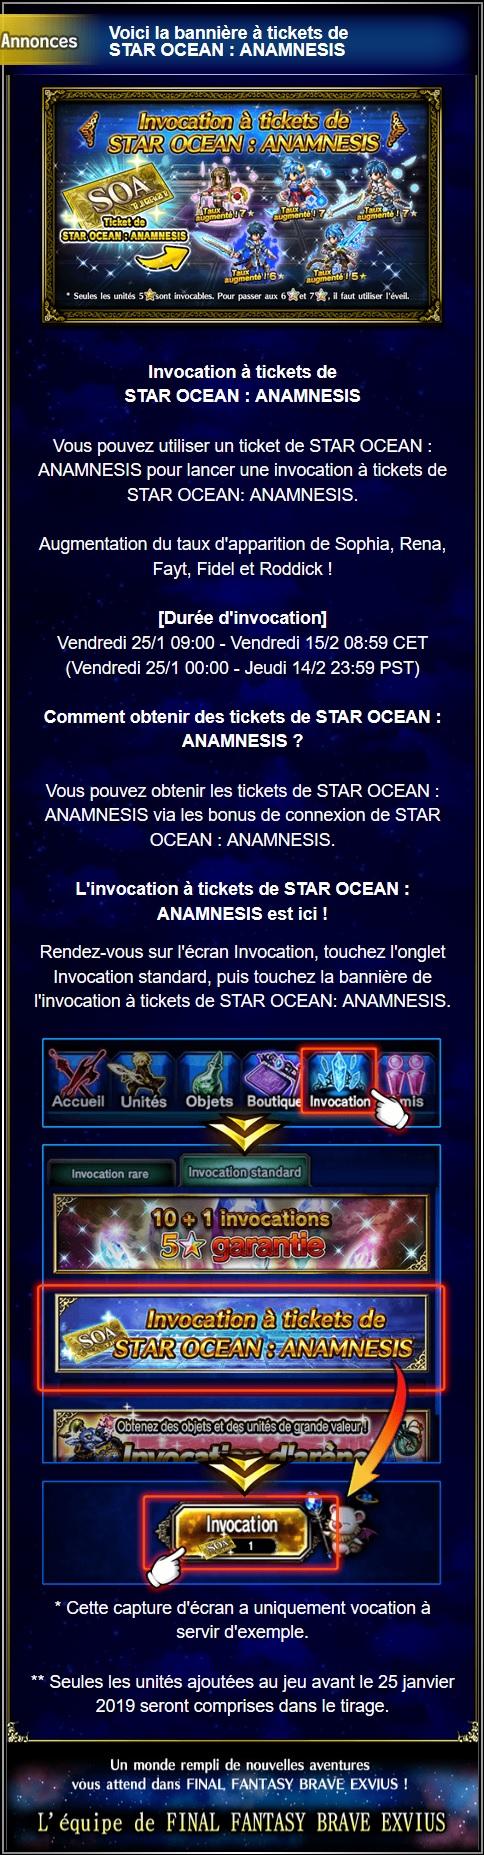 Invocations à tickets - Collab SO:A - du 25/01 au 15/02/19 Captur86